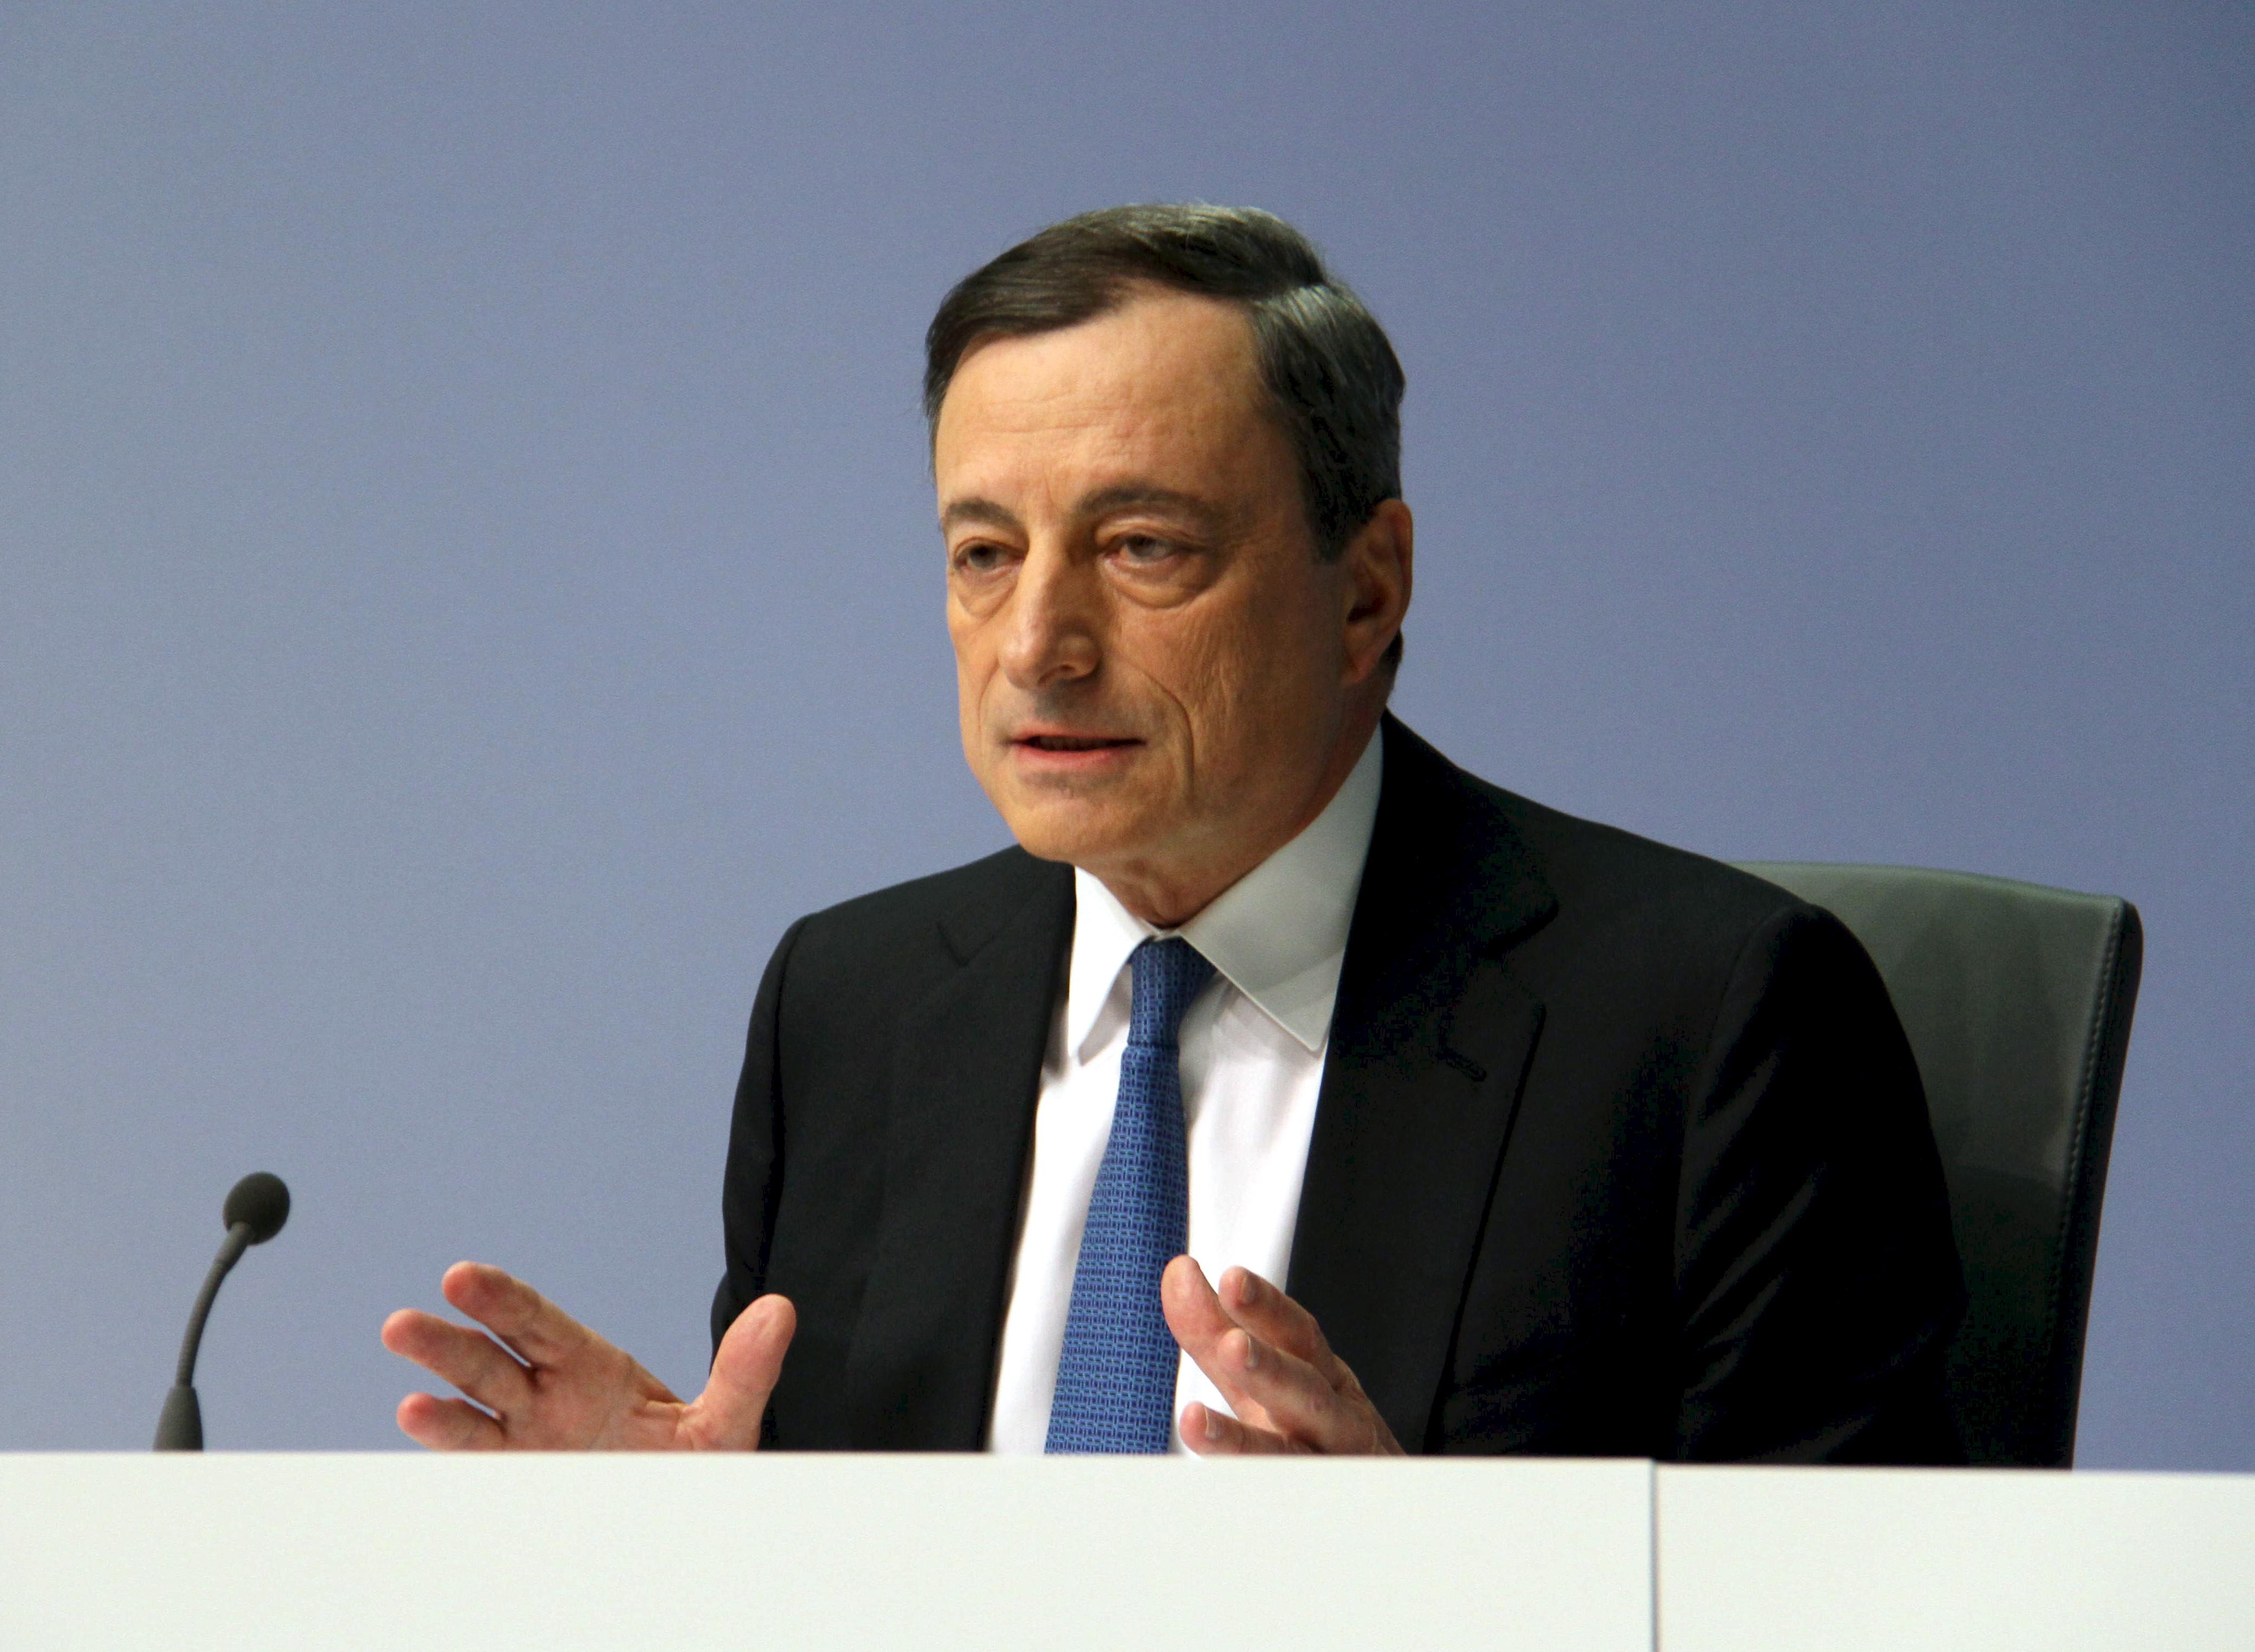 GERMANY-FRANKFURT-ECB-ECONOMY-STIMULATION